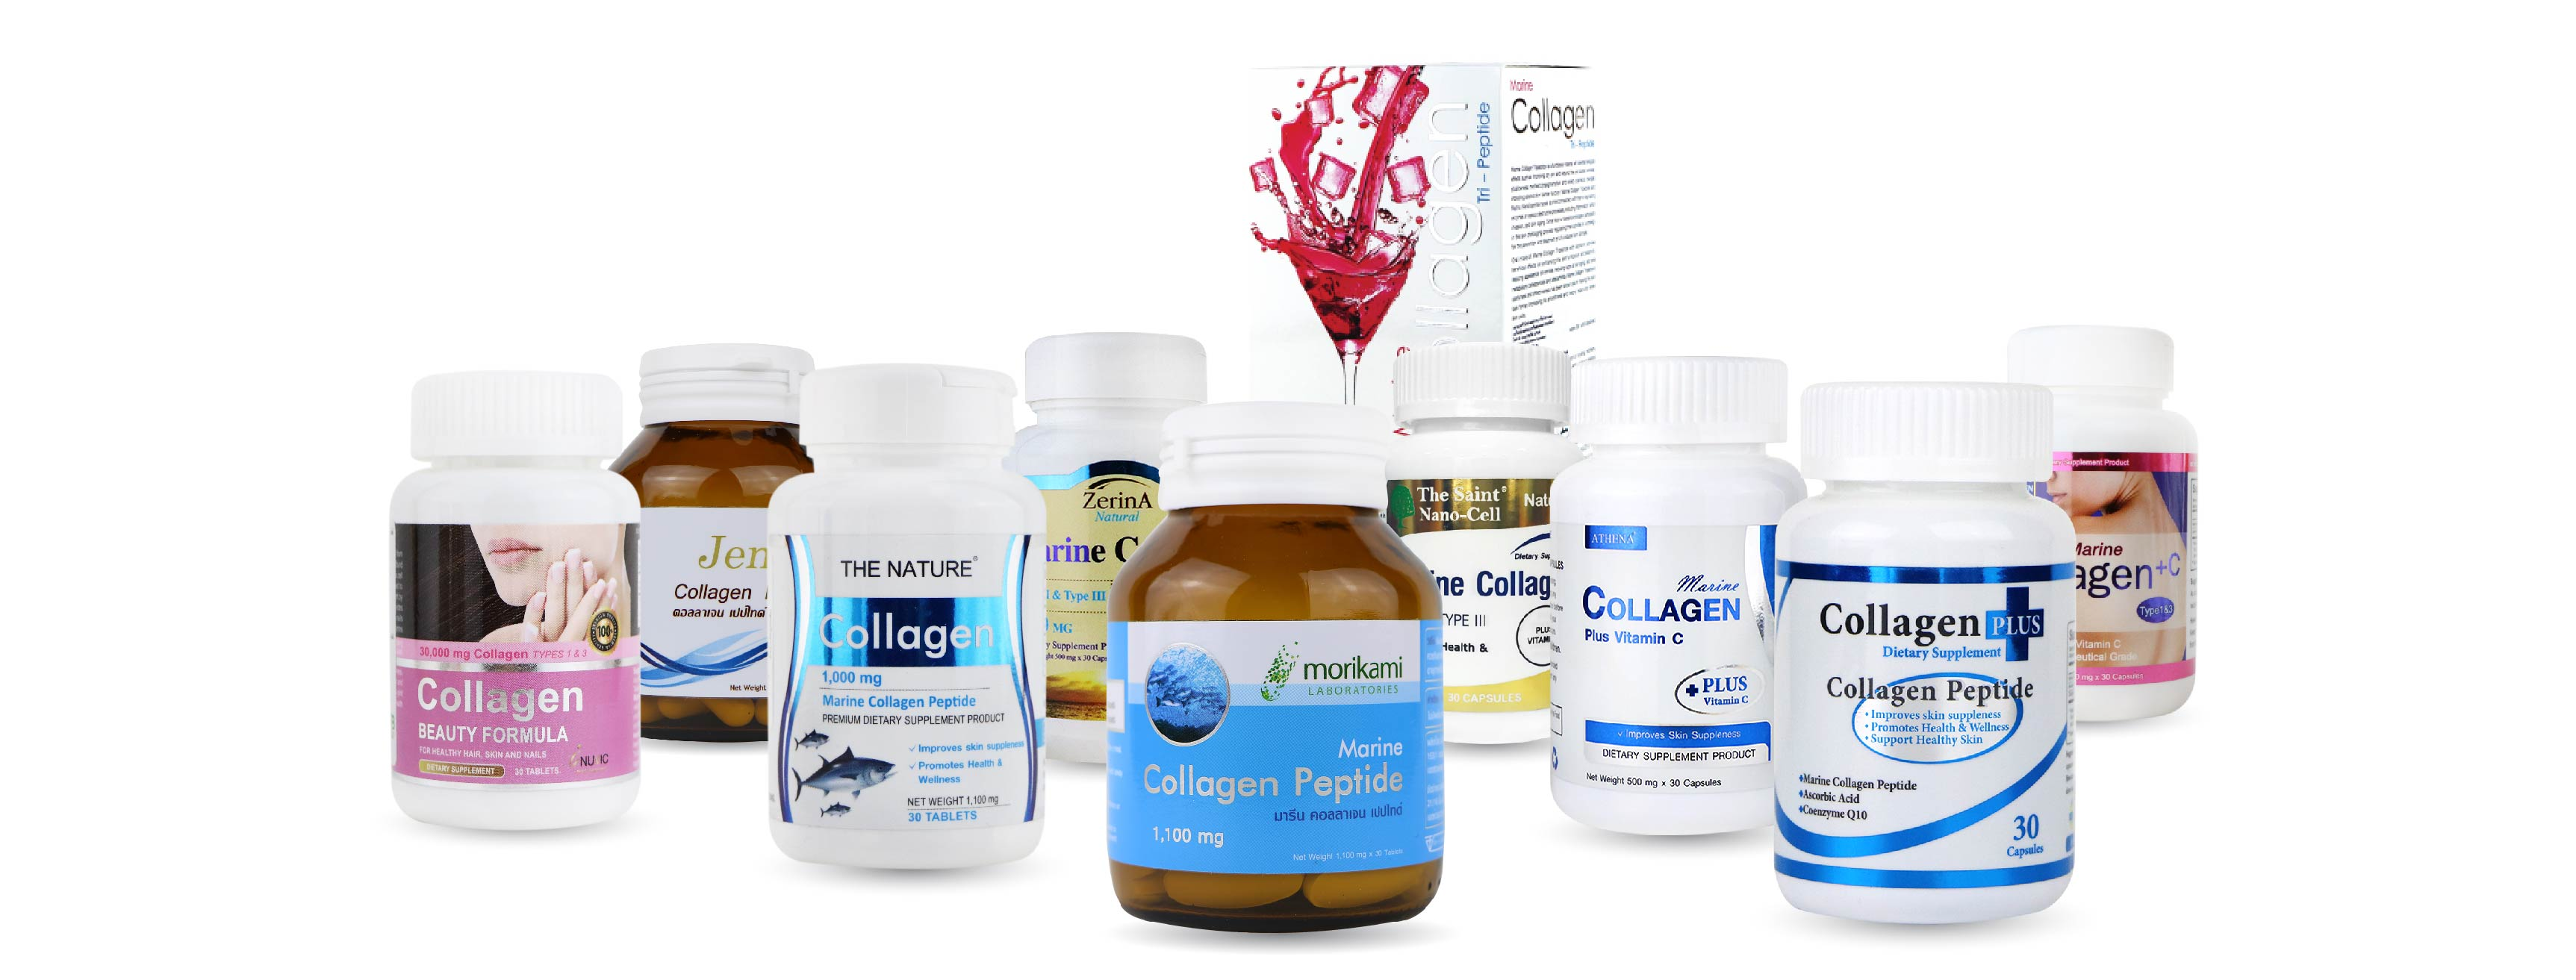 ขายส่งคอลลาเจน-คอลลาเจนขายส่ง-Collagen